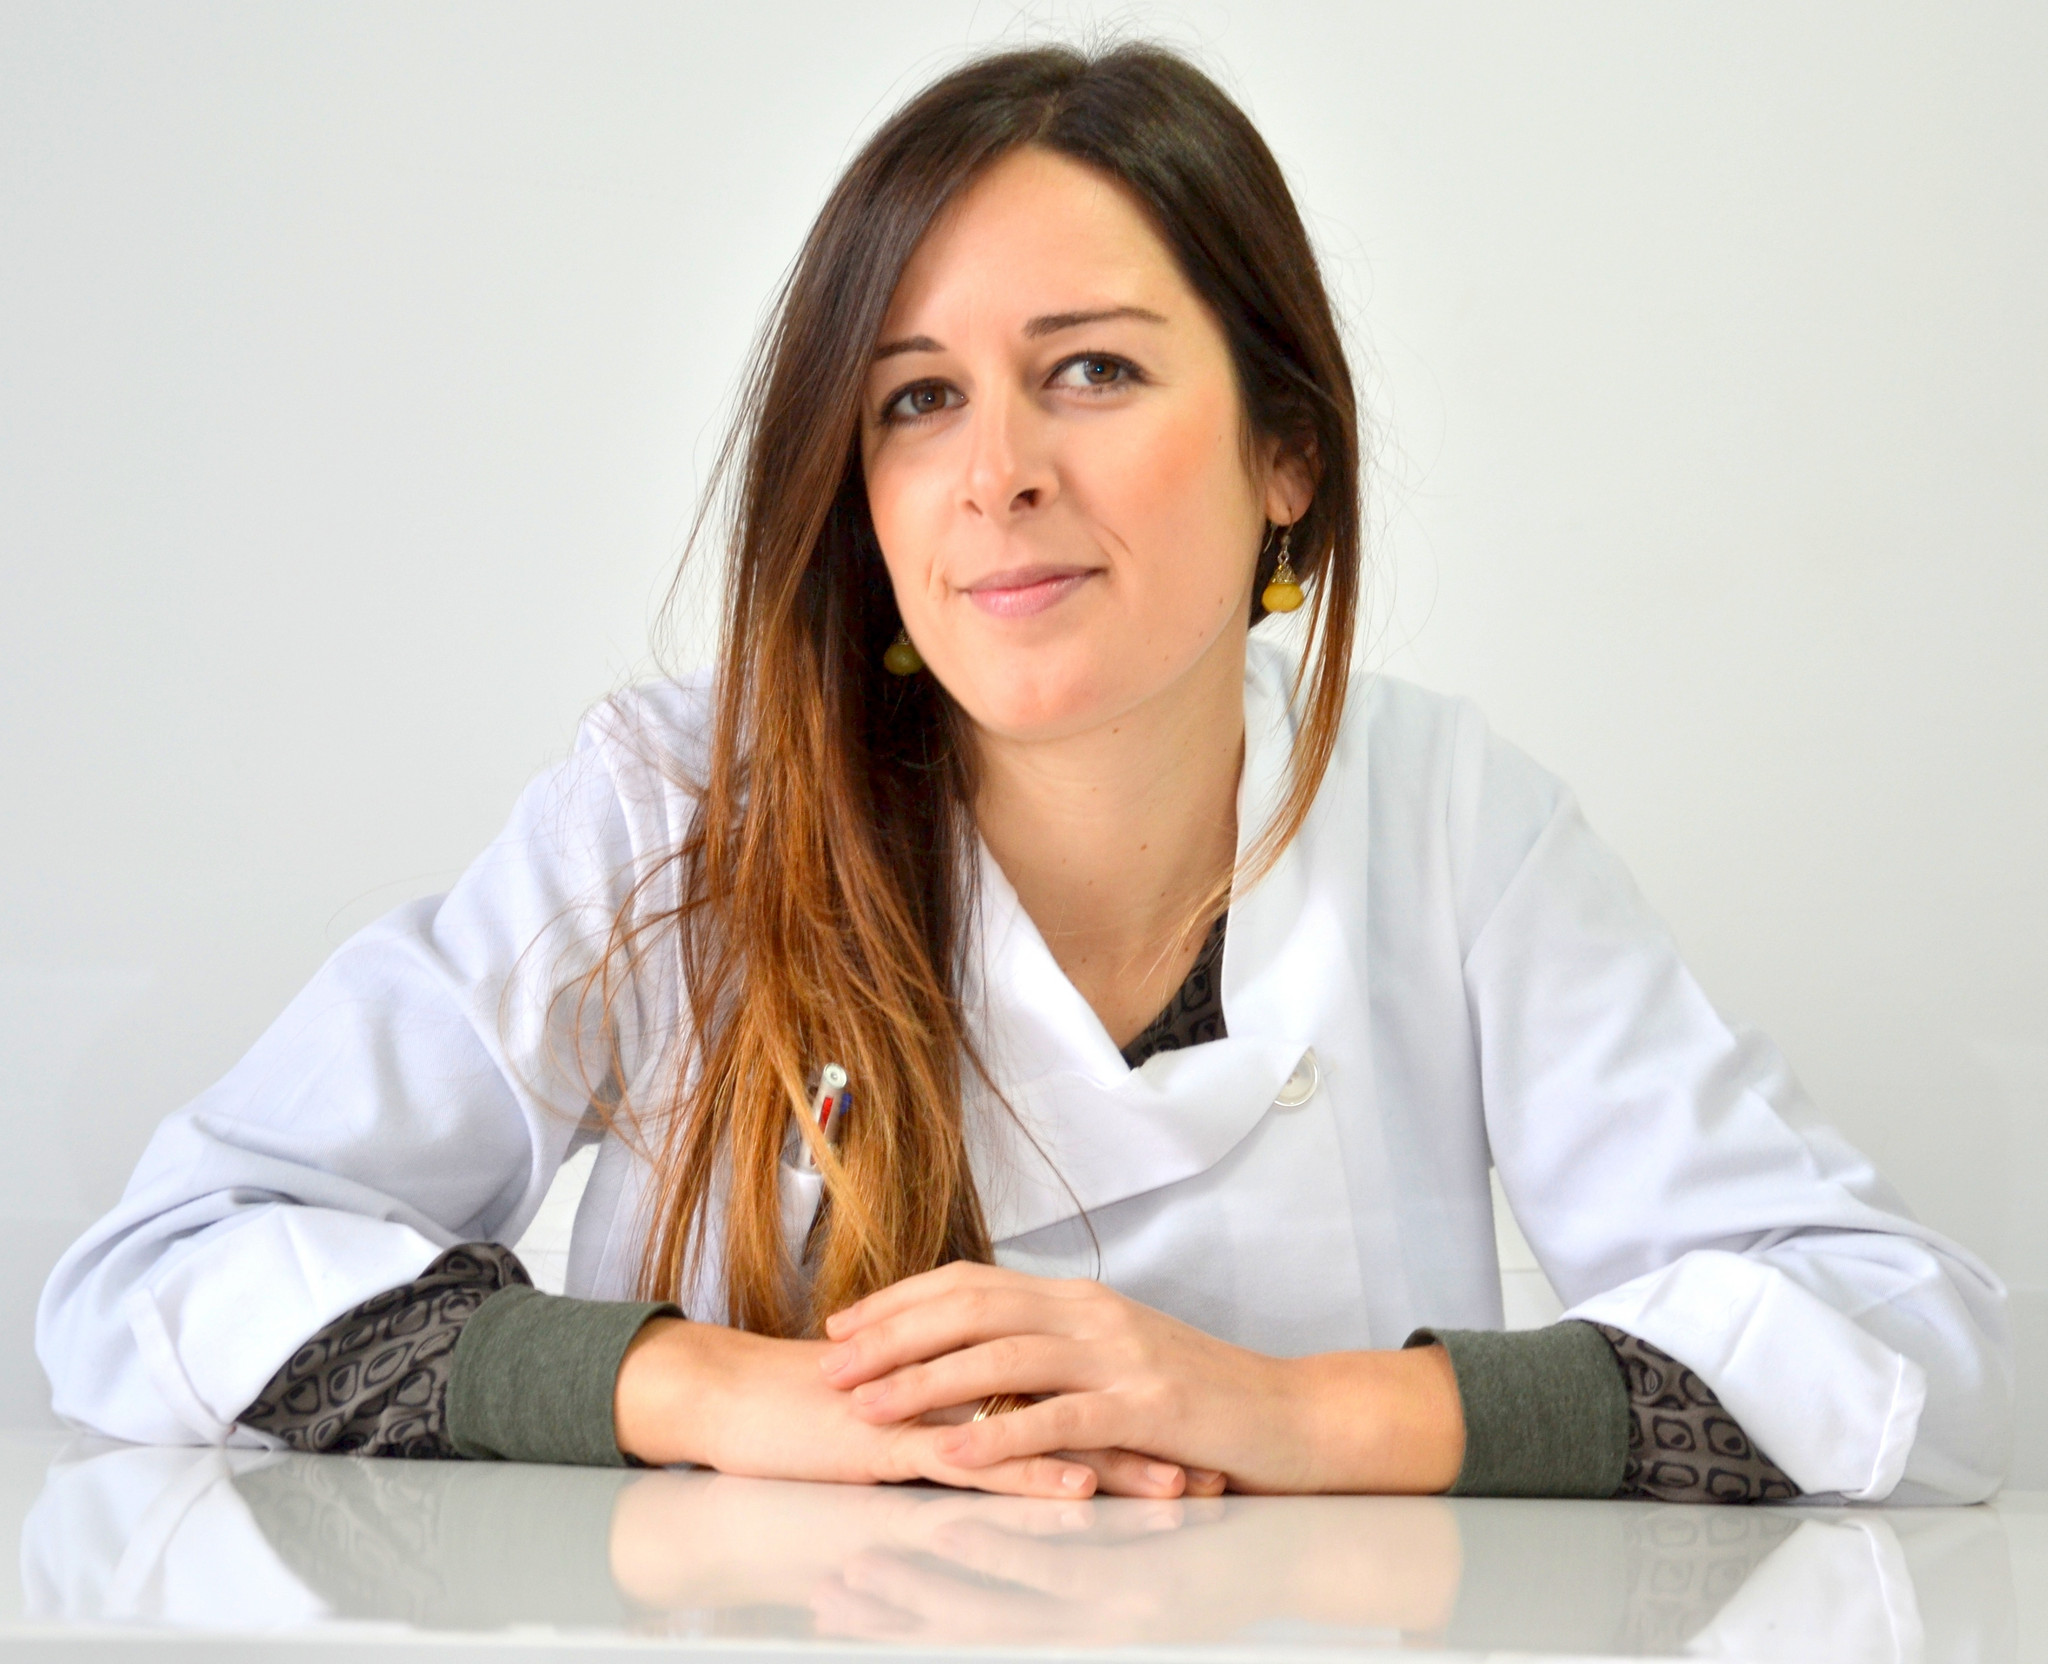 Foto Diana Patrício.JPG